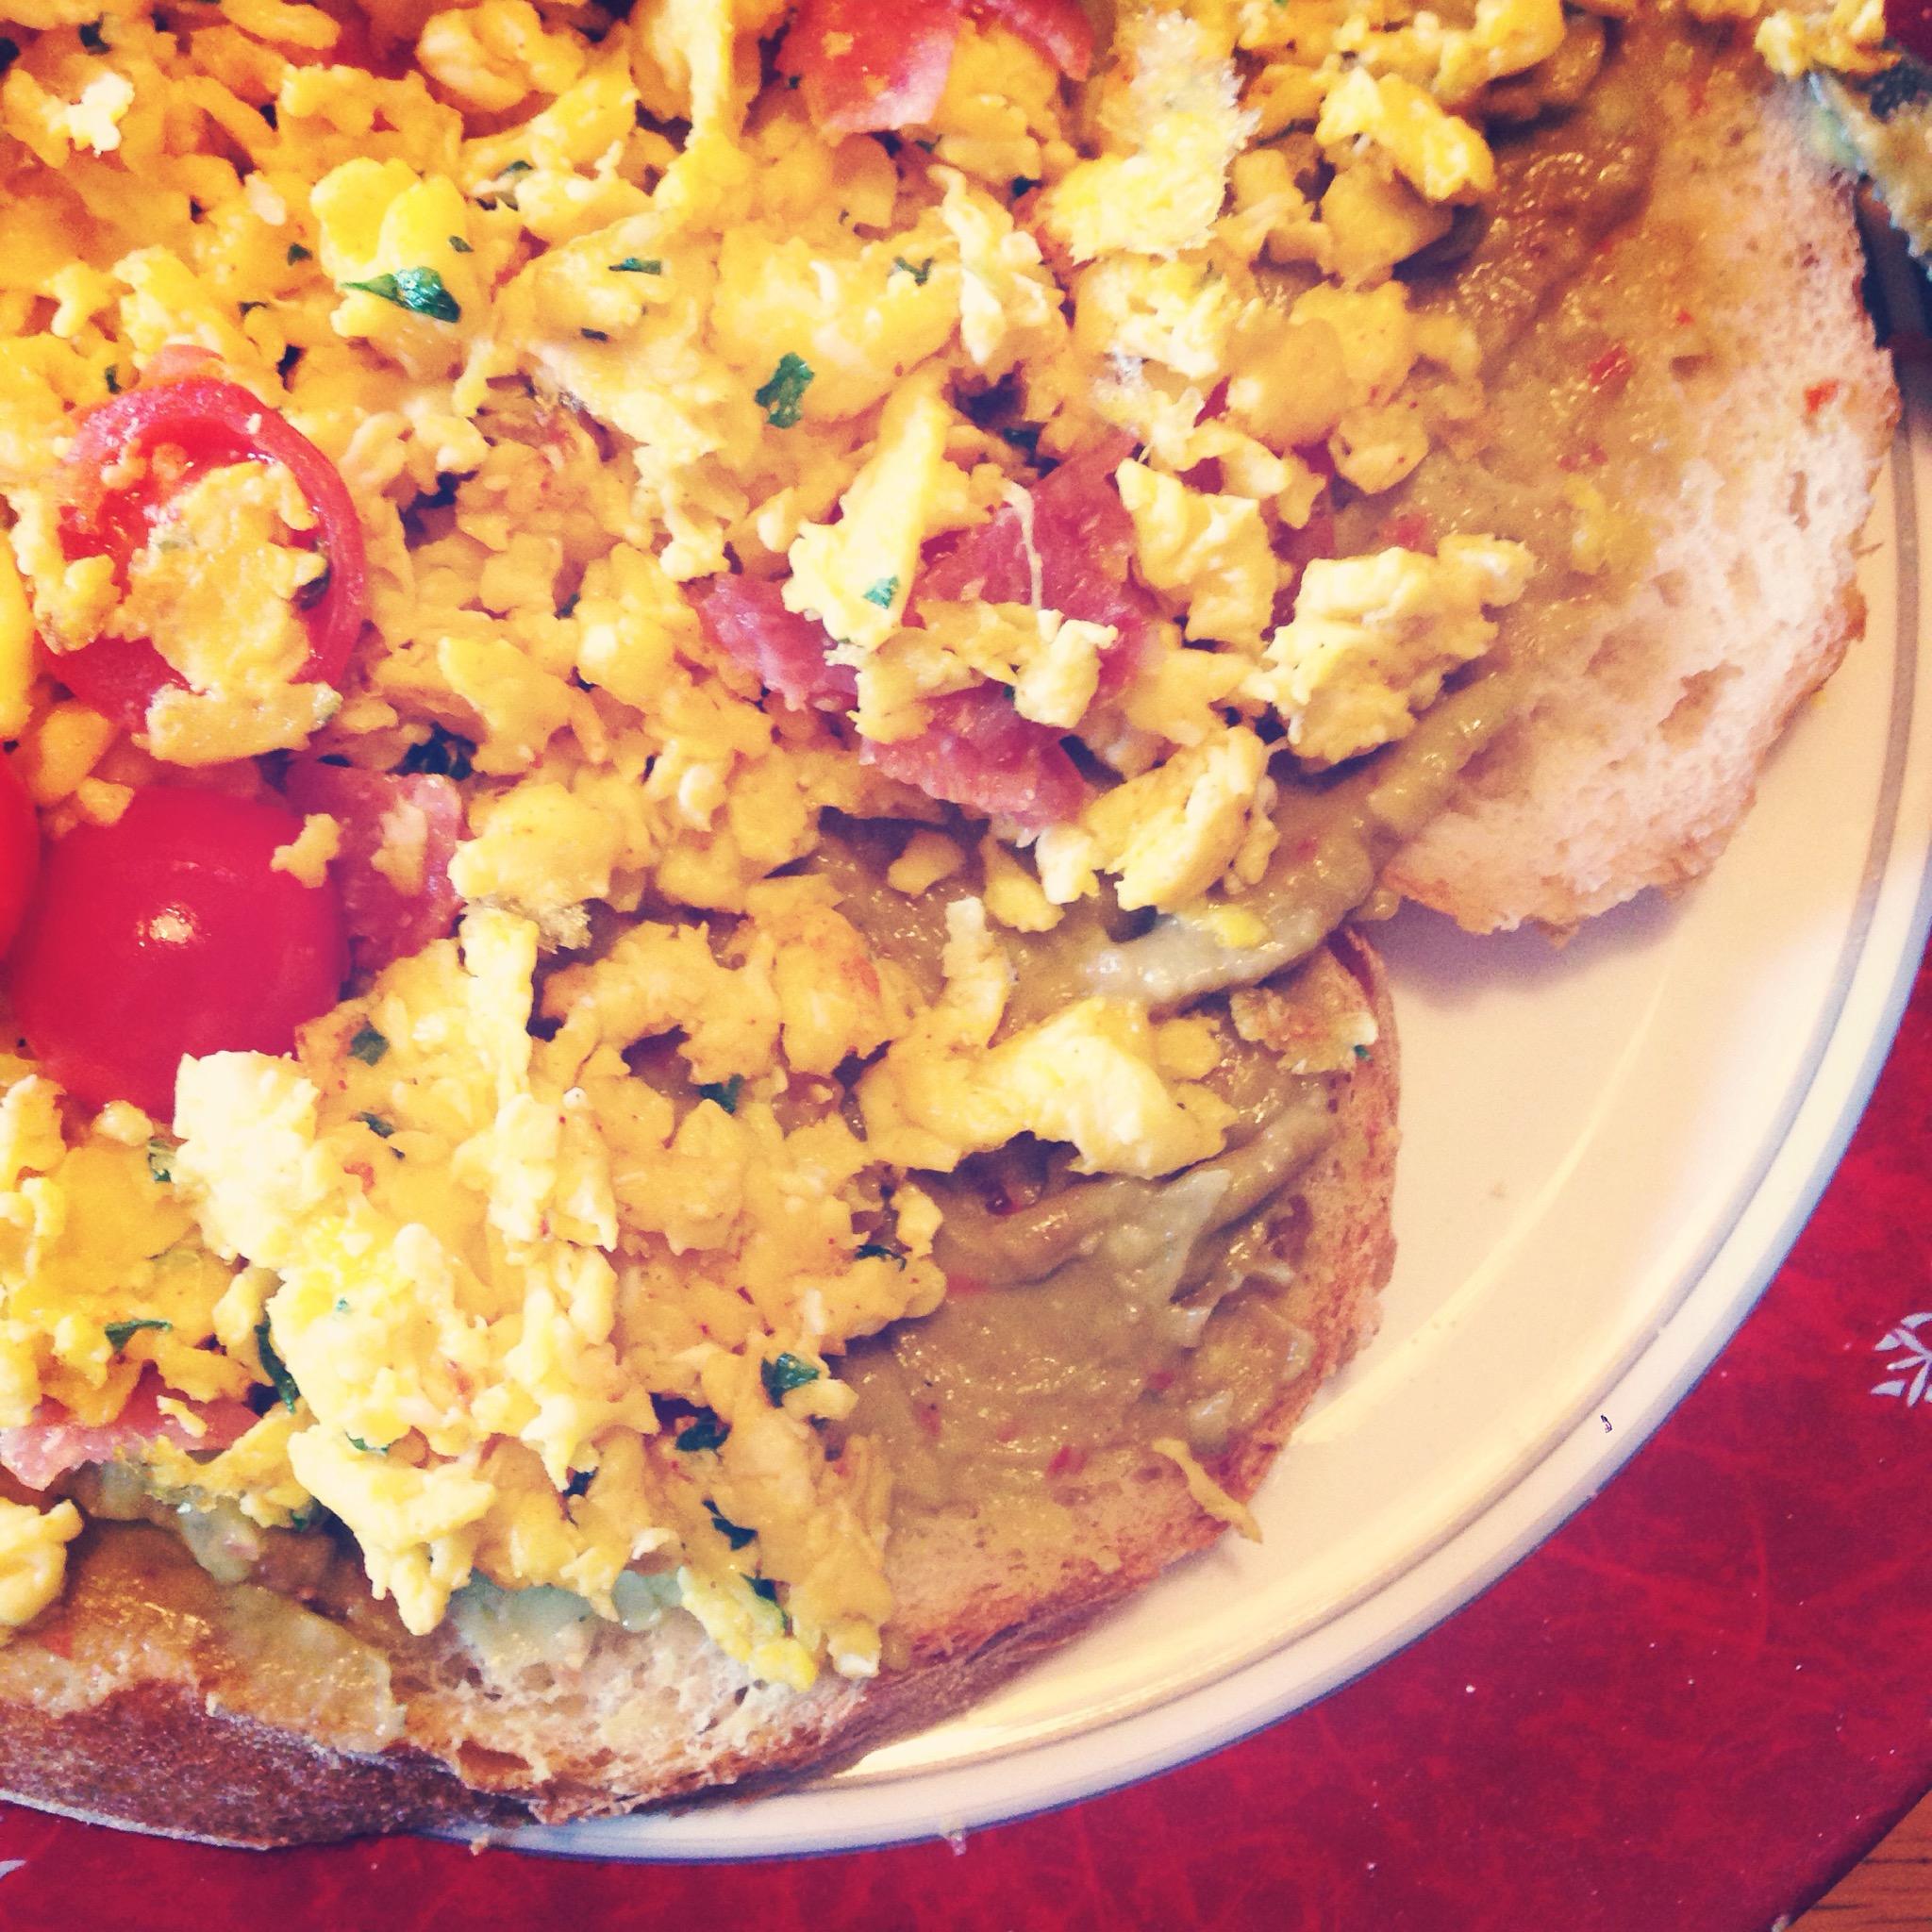 Met een gezellige Eva had ik ook weer zin om wat lekkers voor mezelf te maken. Bij de buren haalde Eva de eieren en ik maakte lekker roerei, met tomaatjes en salami. Daaronder ligt trouwens de verse guacamole van de dag ervoor. Het was echt zo lekker!